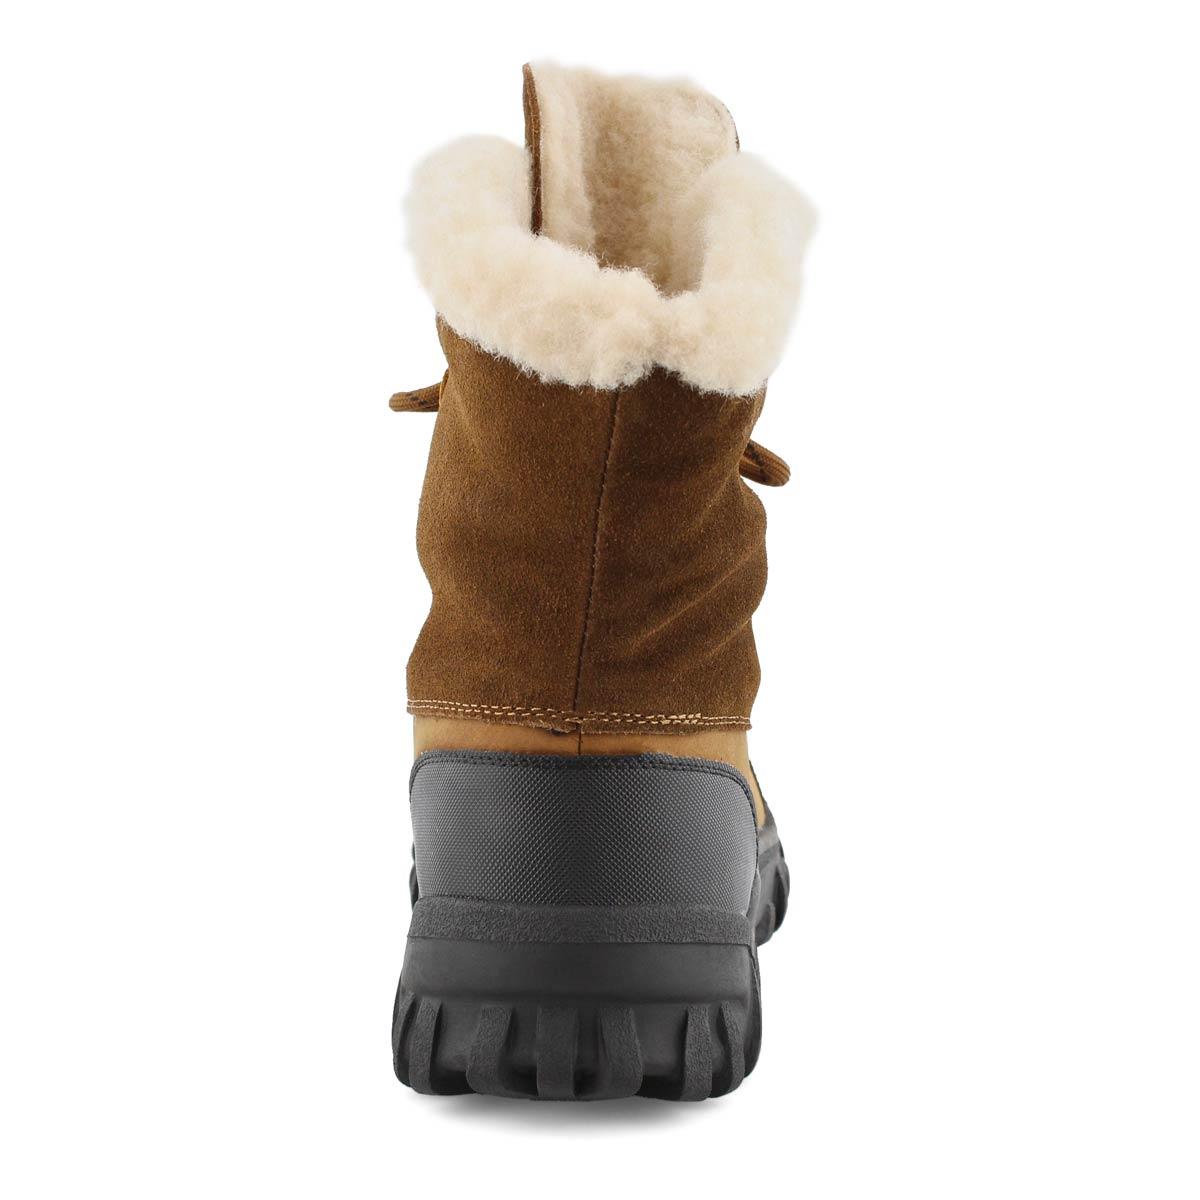 c41ea75e9d2f Femmes | Bottes d'hiver | SoftMoc.com bard